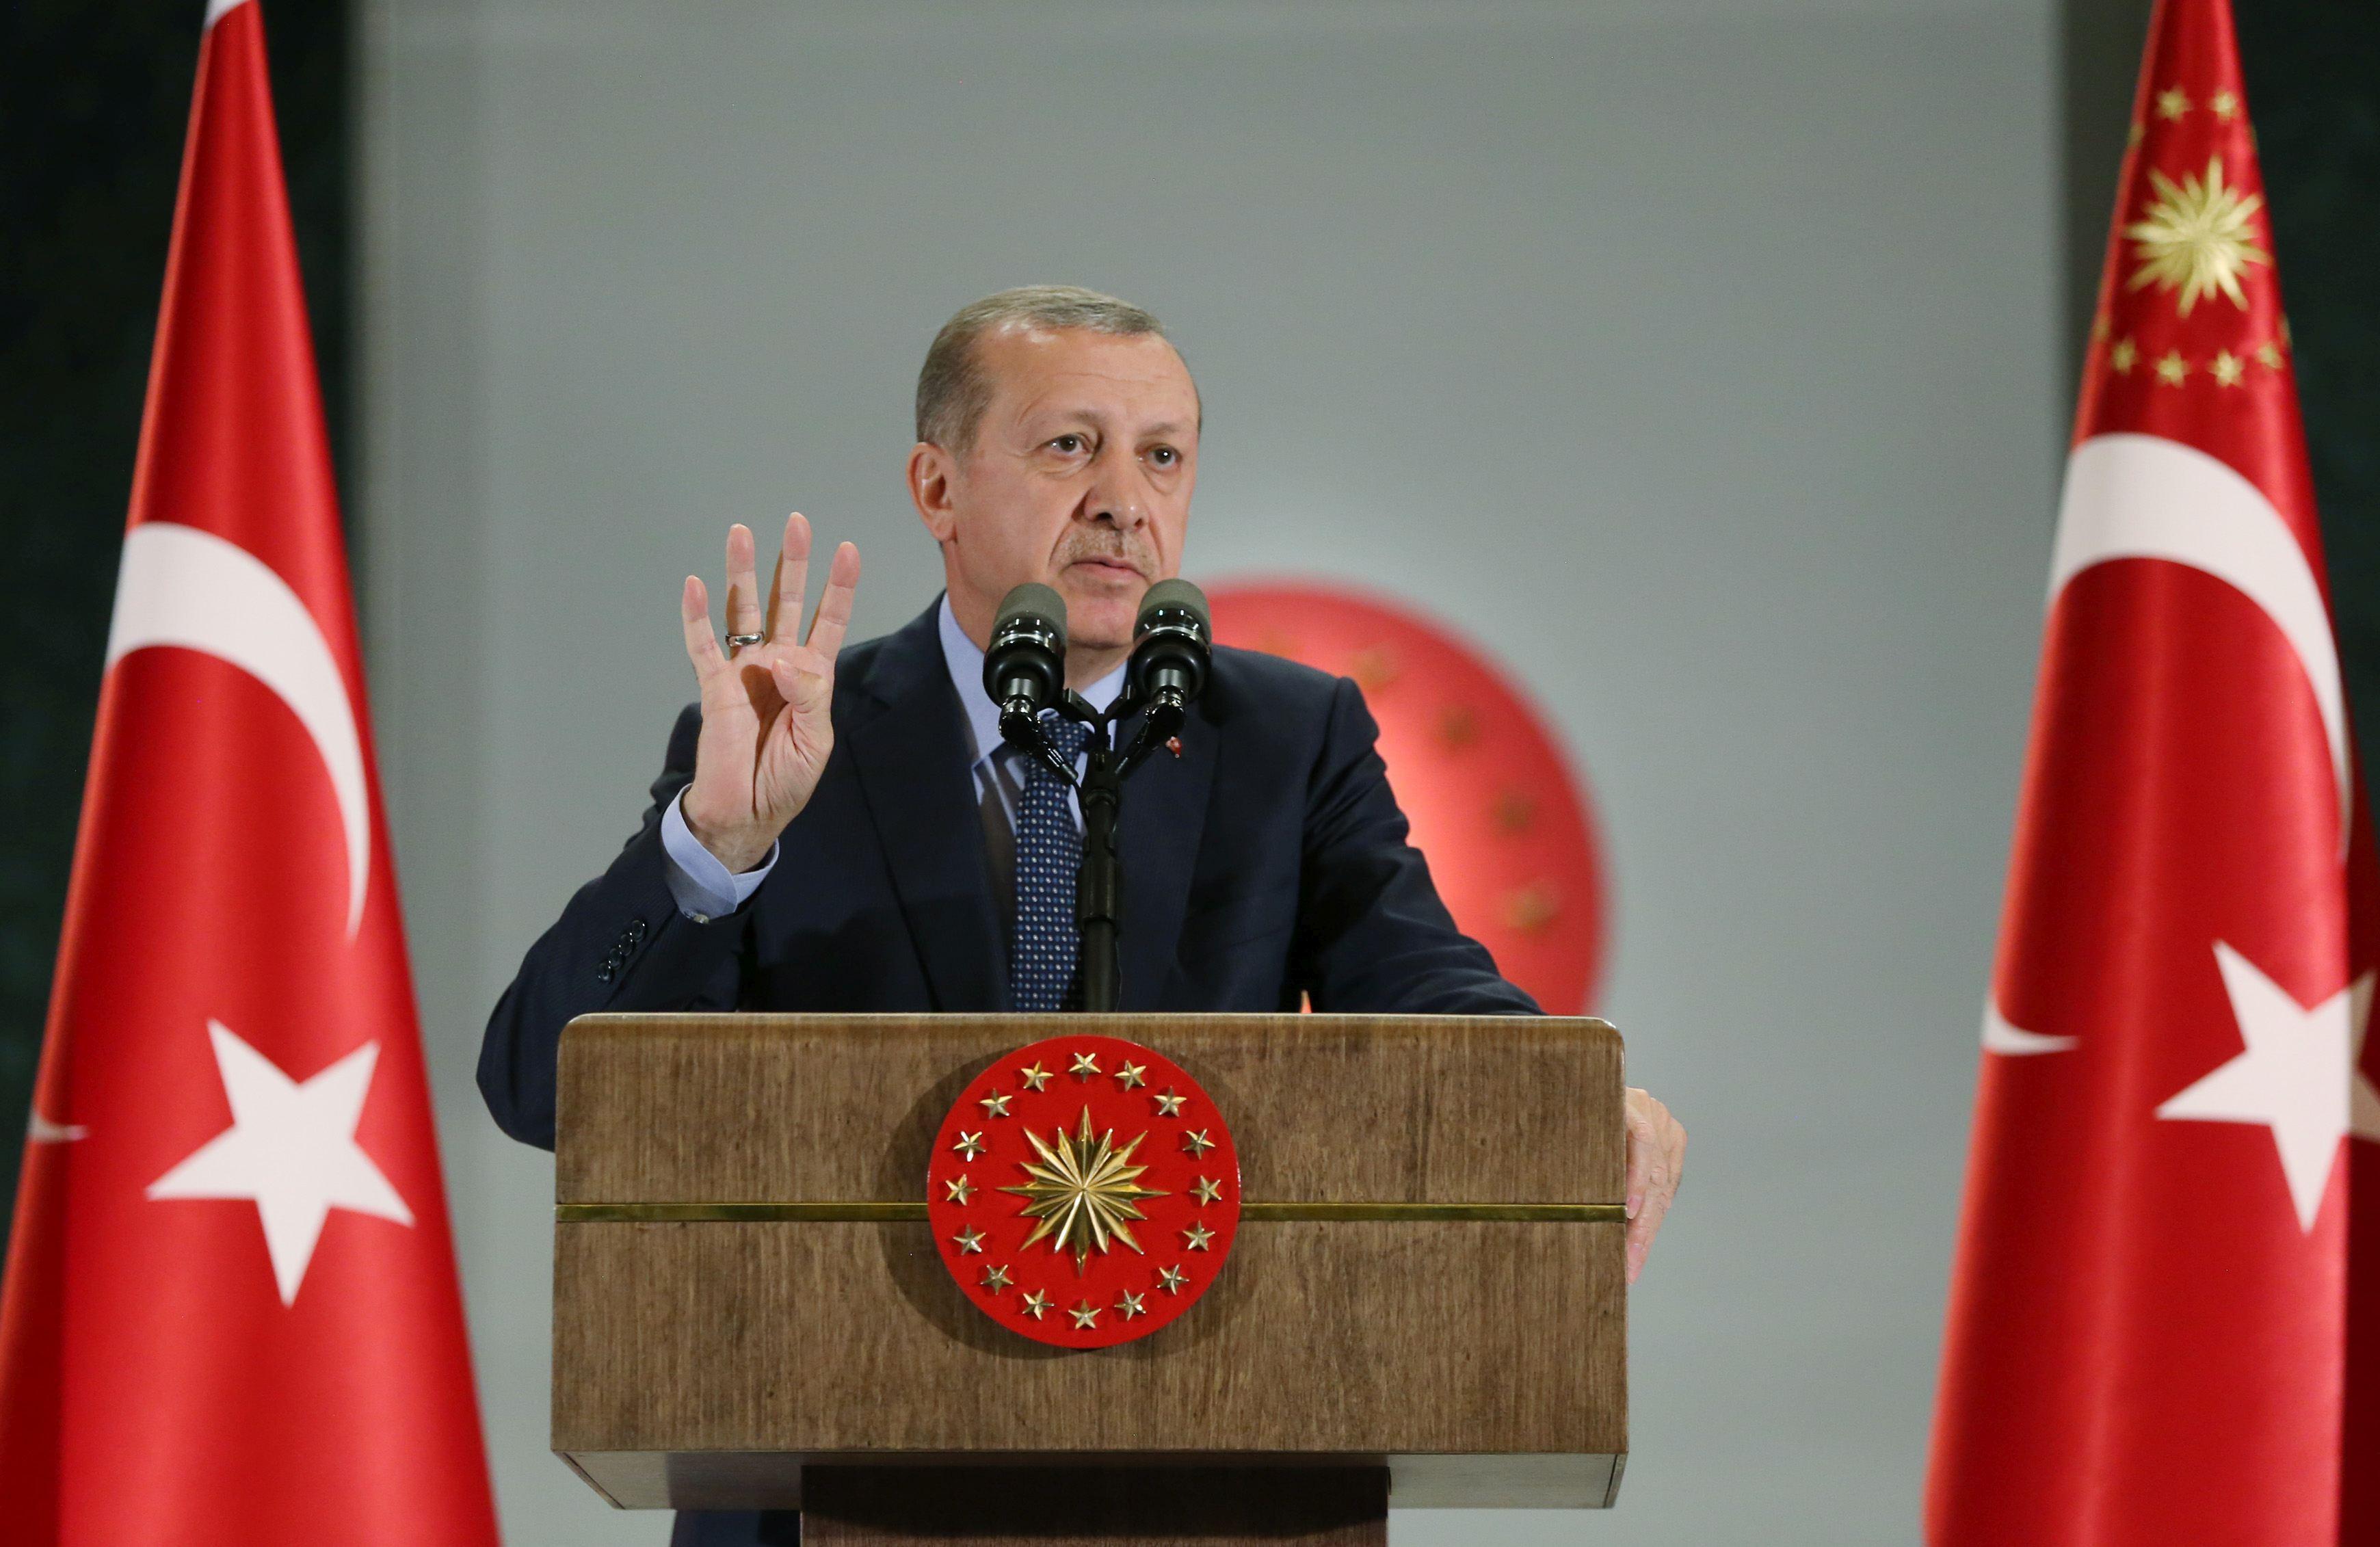 Recep Tayyip Erdogan susţine că Turcia va continua operaţiunile militare din Siria şi Irak